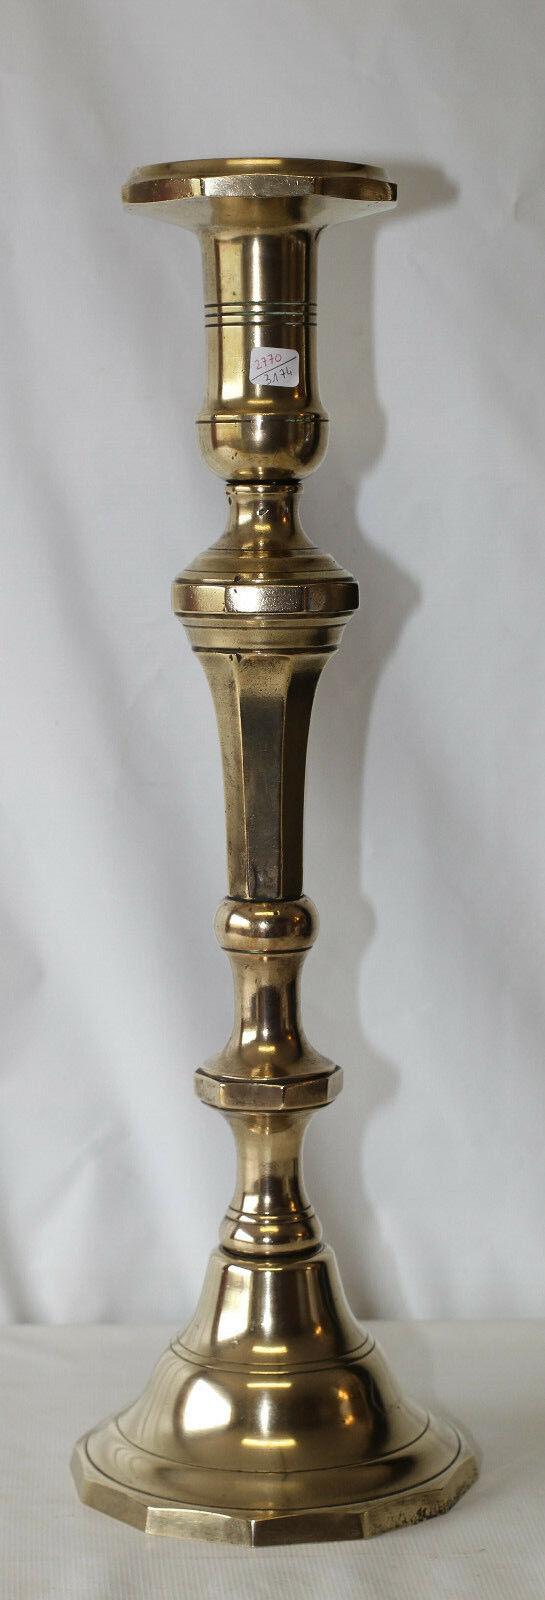 Pique cierge en bronze grand modèle Bougeoir